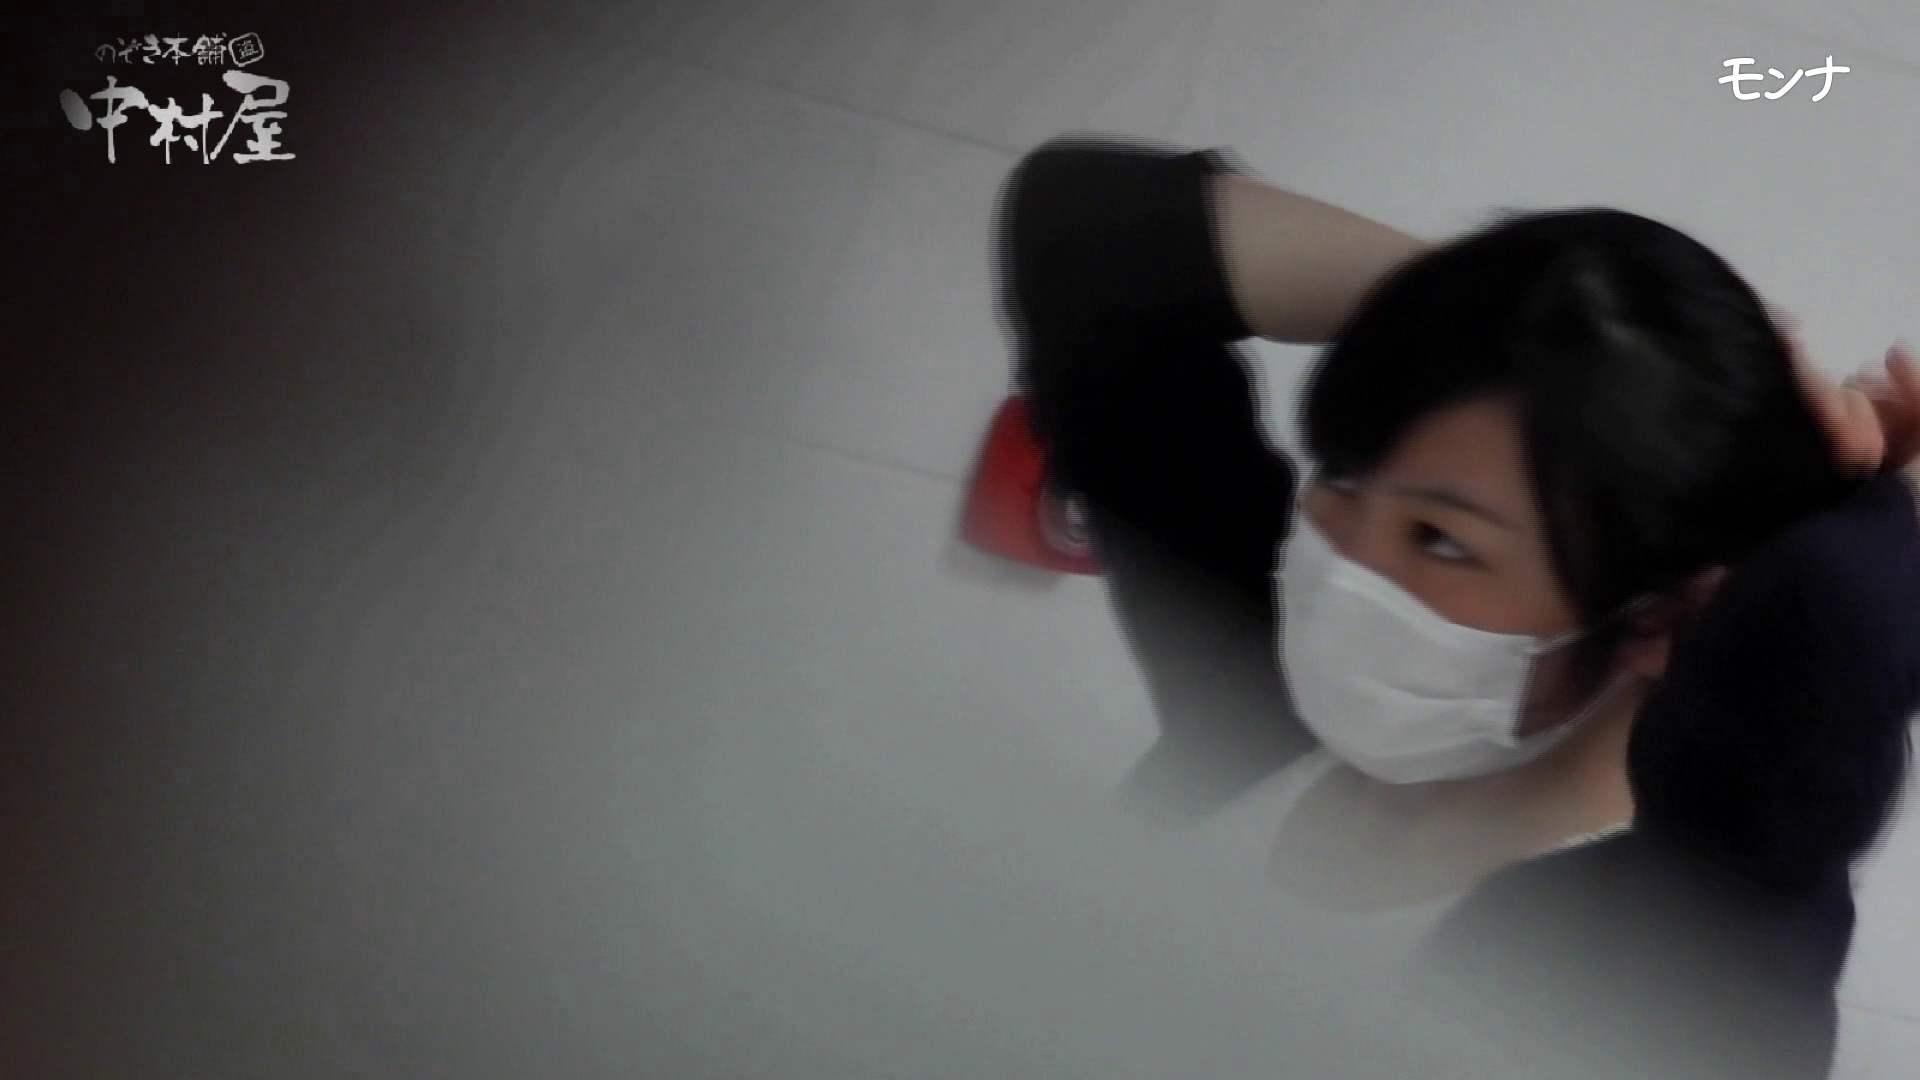 美しい日本の未来 No.47 冬Ver.進化 細い指でほじくりまくる!前編 女性トイレ  79pic 24